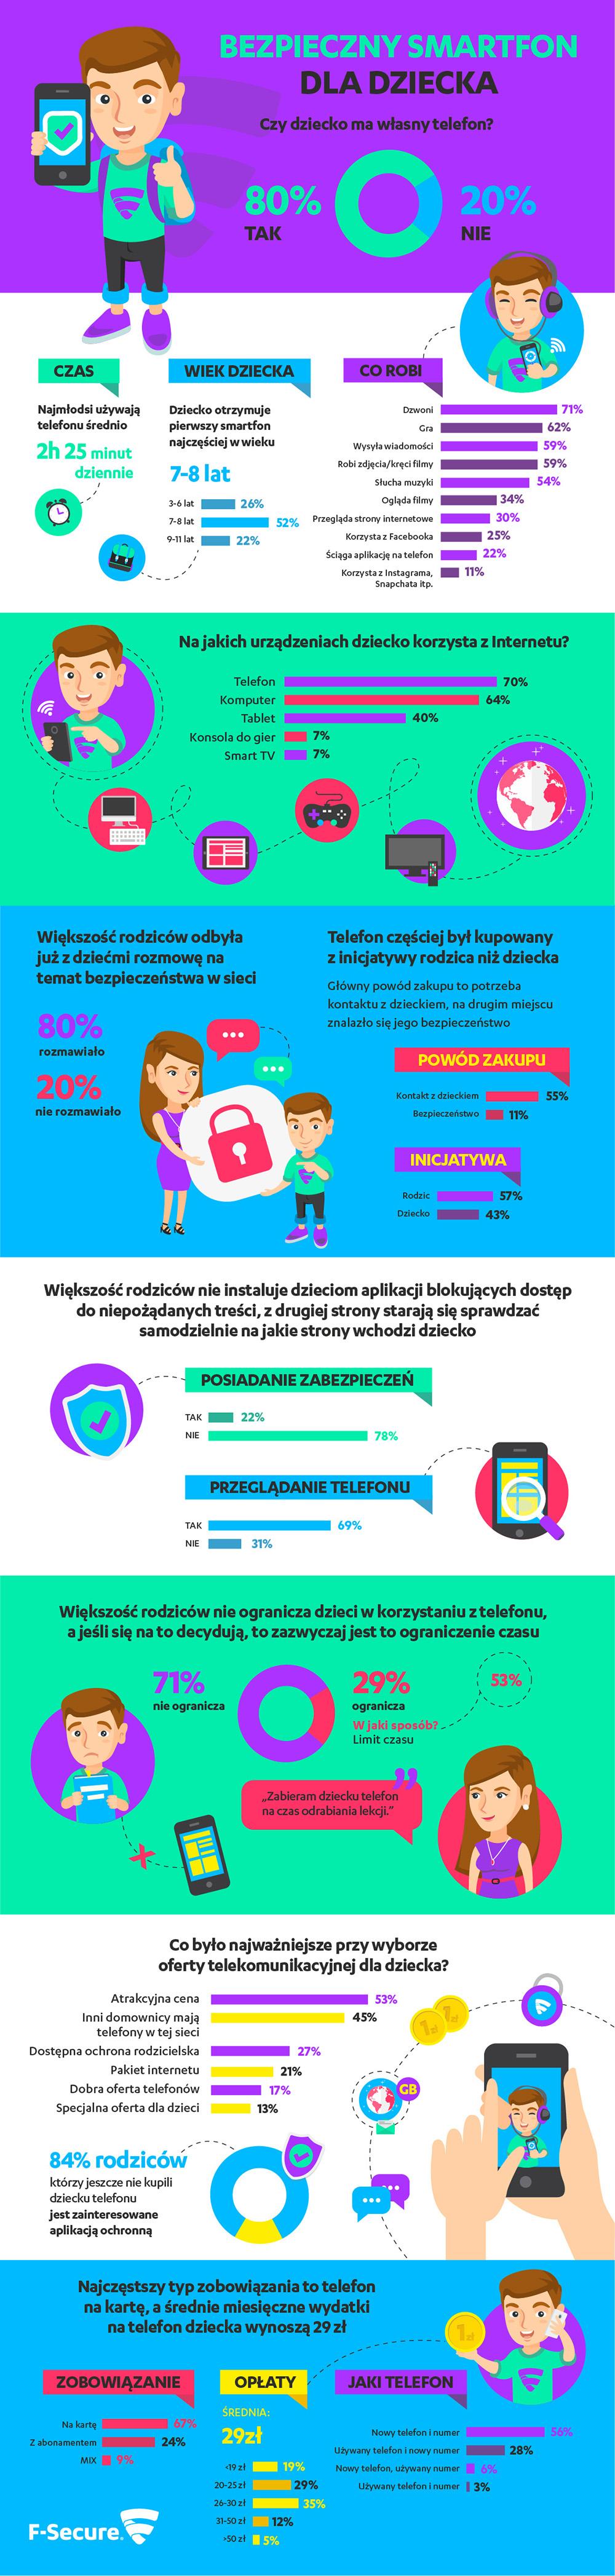 f-secure_bezpieczny smartfon dla dziecka.jpg